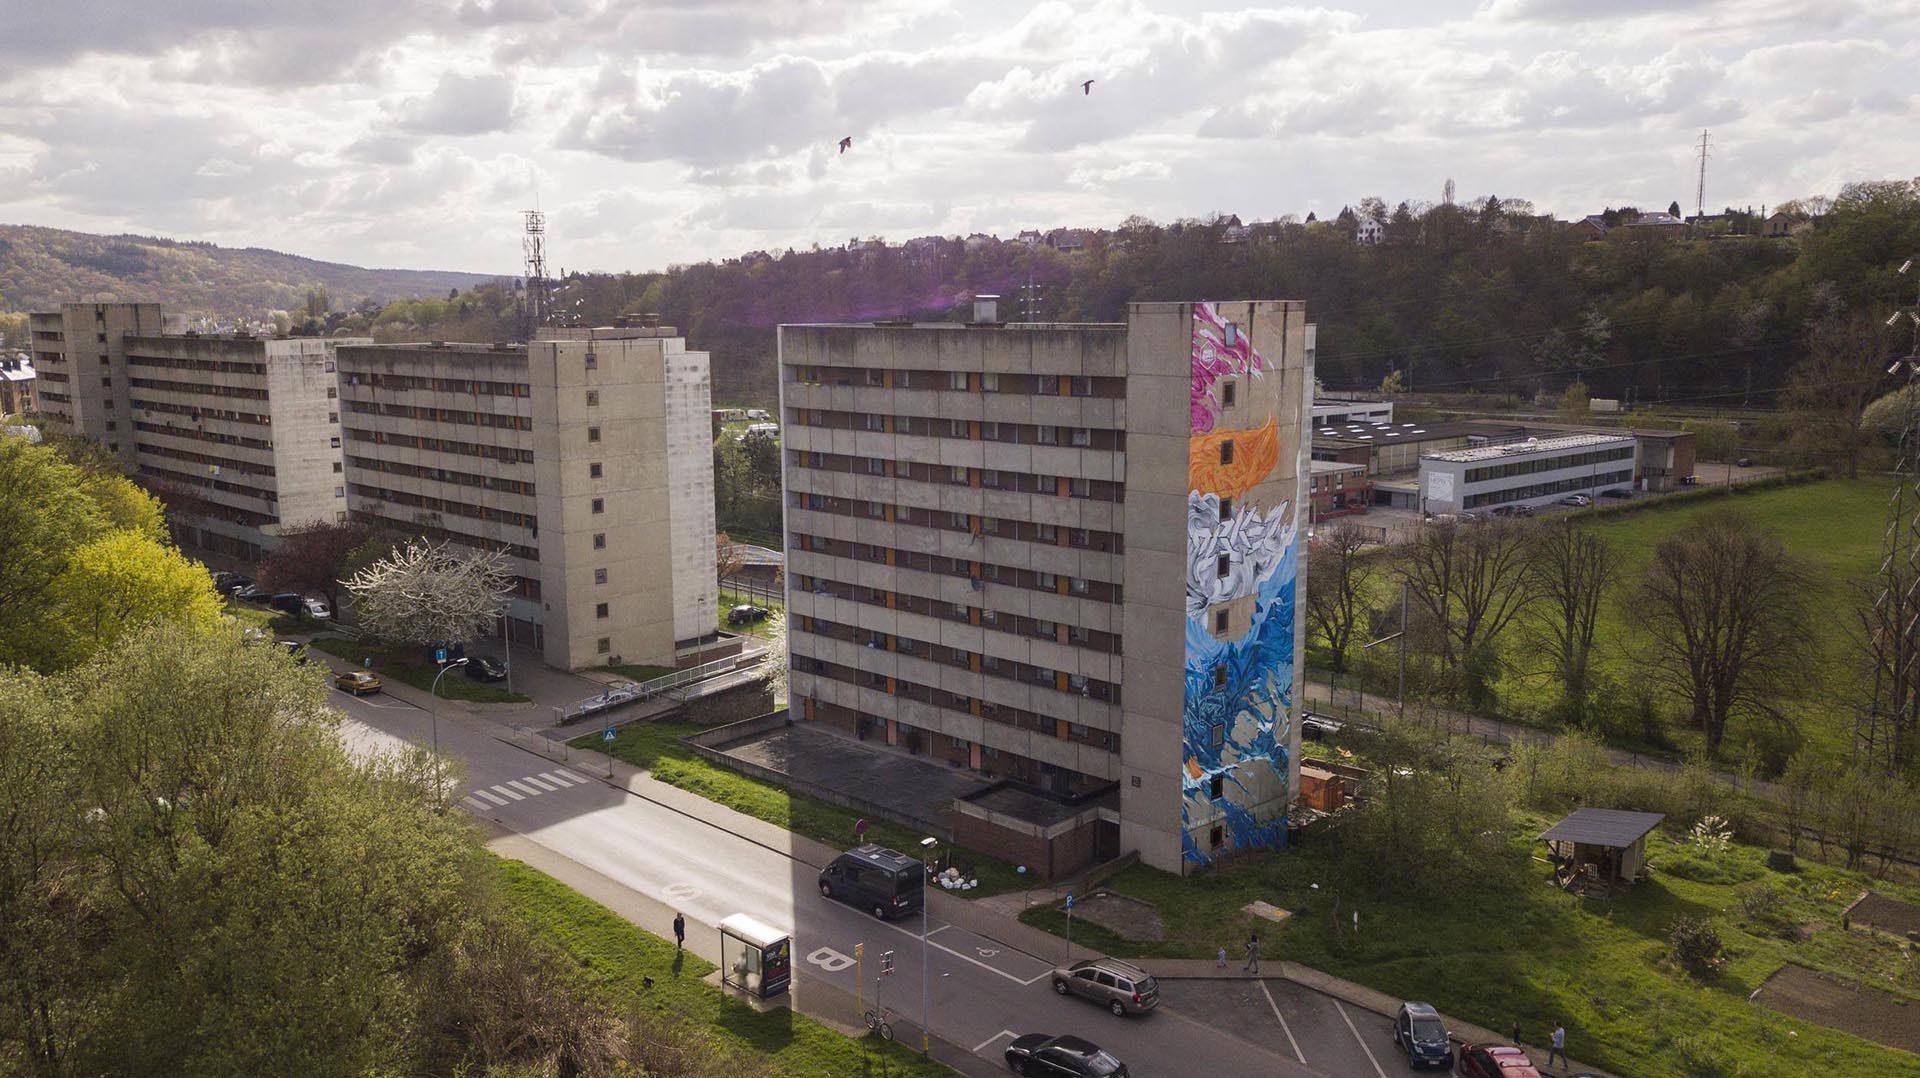 roubens-abstract-organic-vegetal-flower-contemporary-paint-landscape-street-art-natural-mural-belgium_07